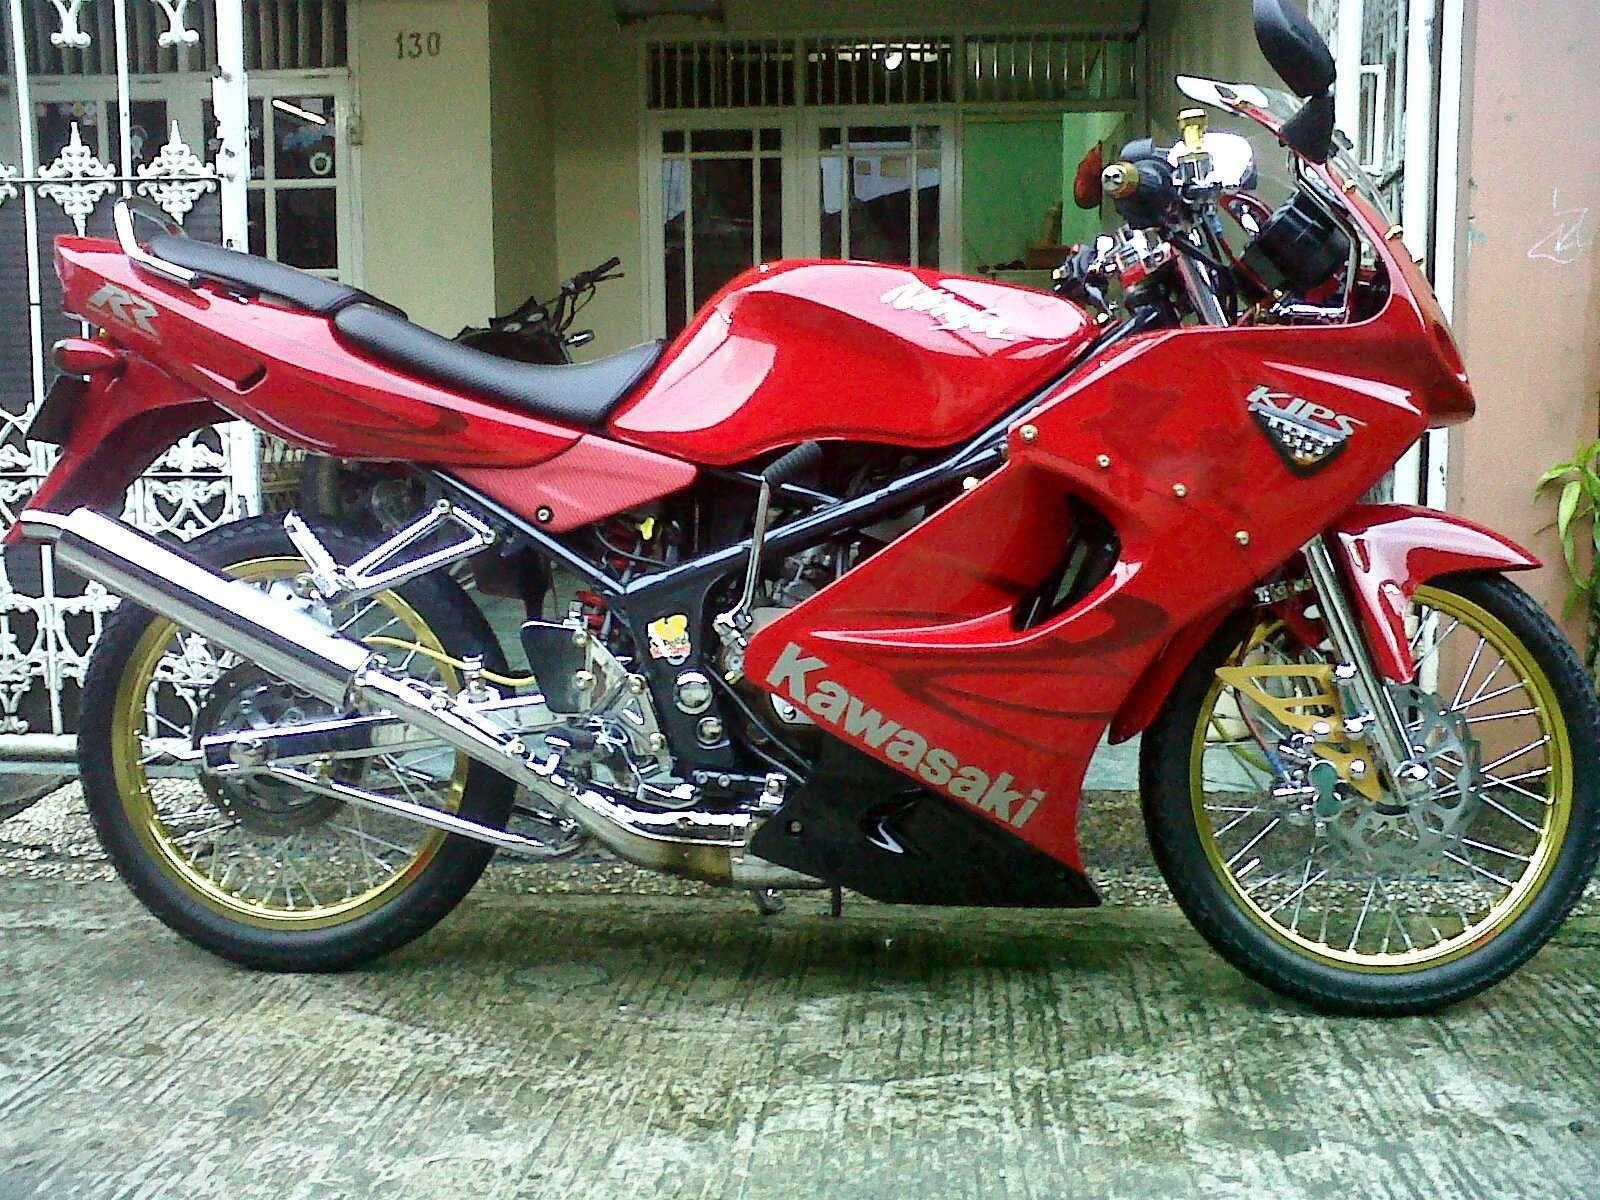 Modifikasi Motor Kawasaki Ninja Rr Merah Velg Jari Jari Modifikasi